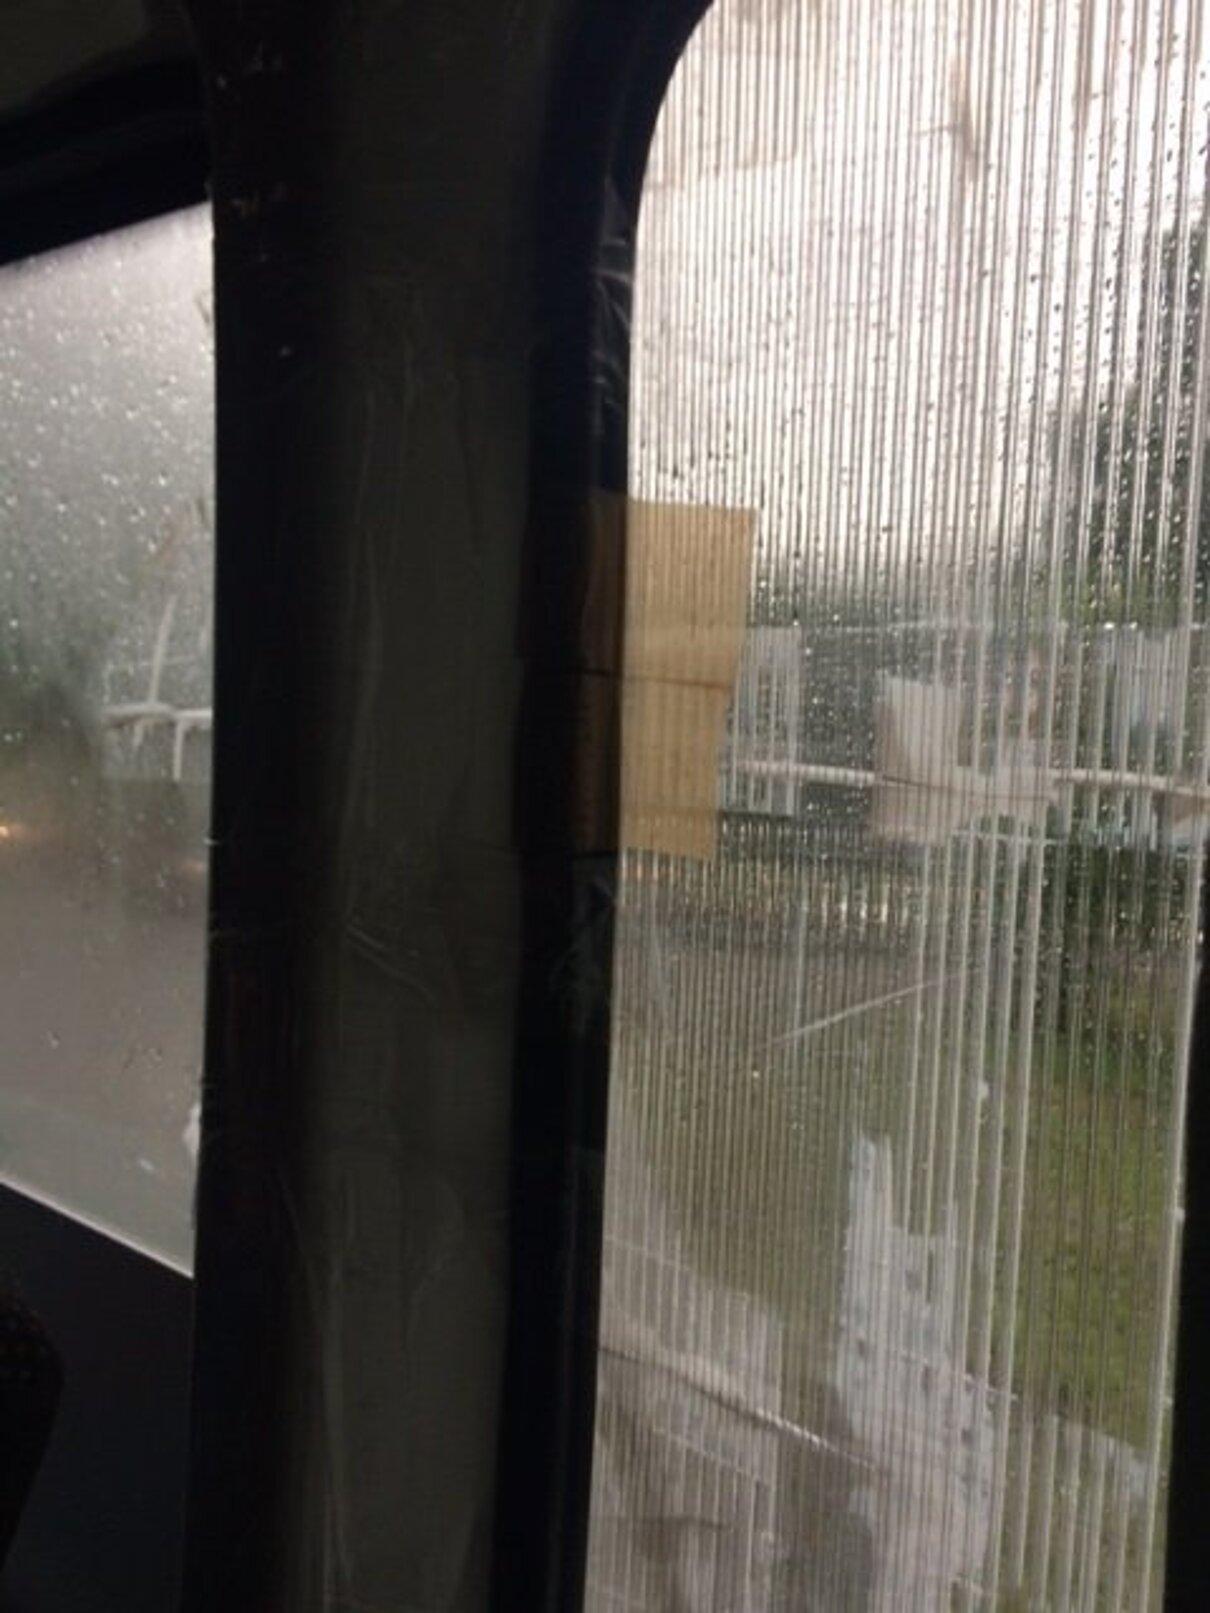 Жалоба-отзыв: Маршрутные такси Ногинск - Москва - Хотели как лучше, получили.  Фото №2